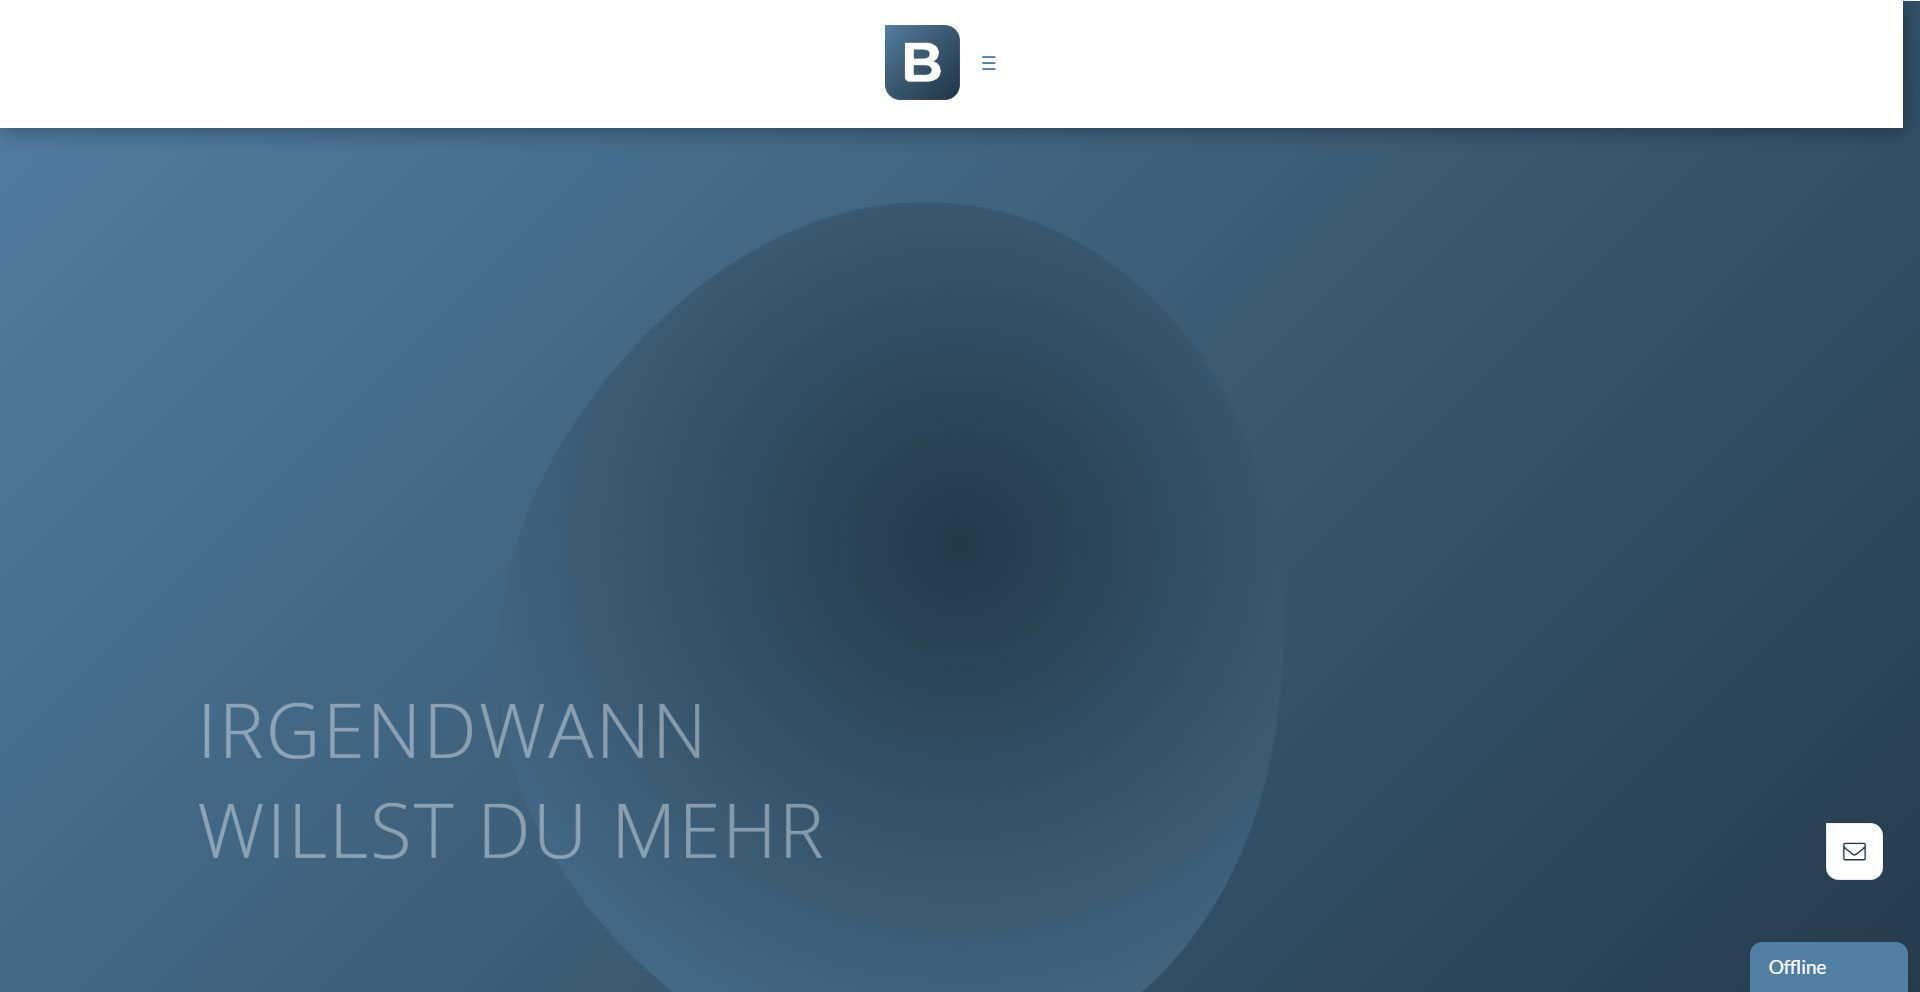 Bloxxa Webdesign